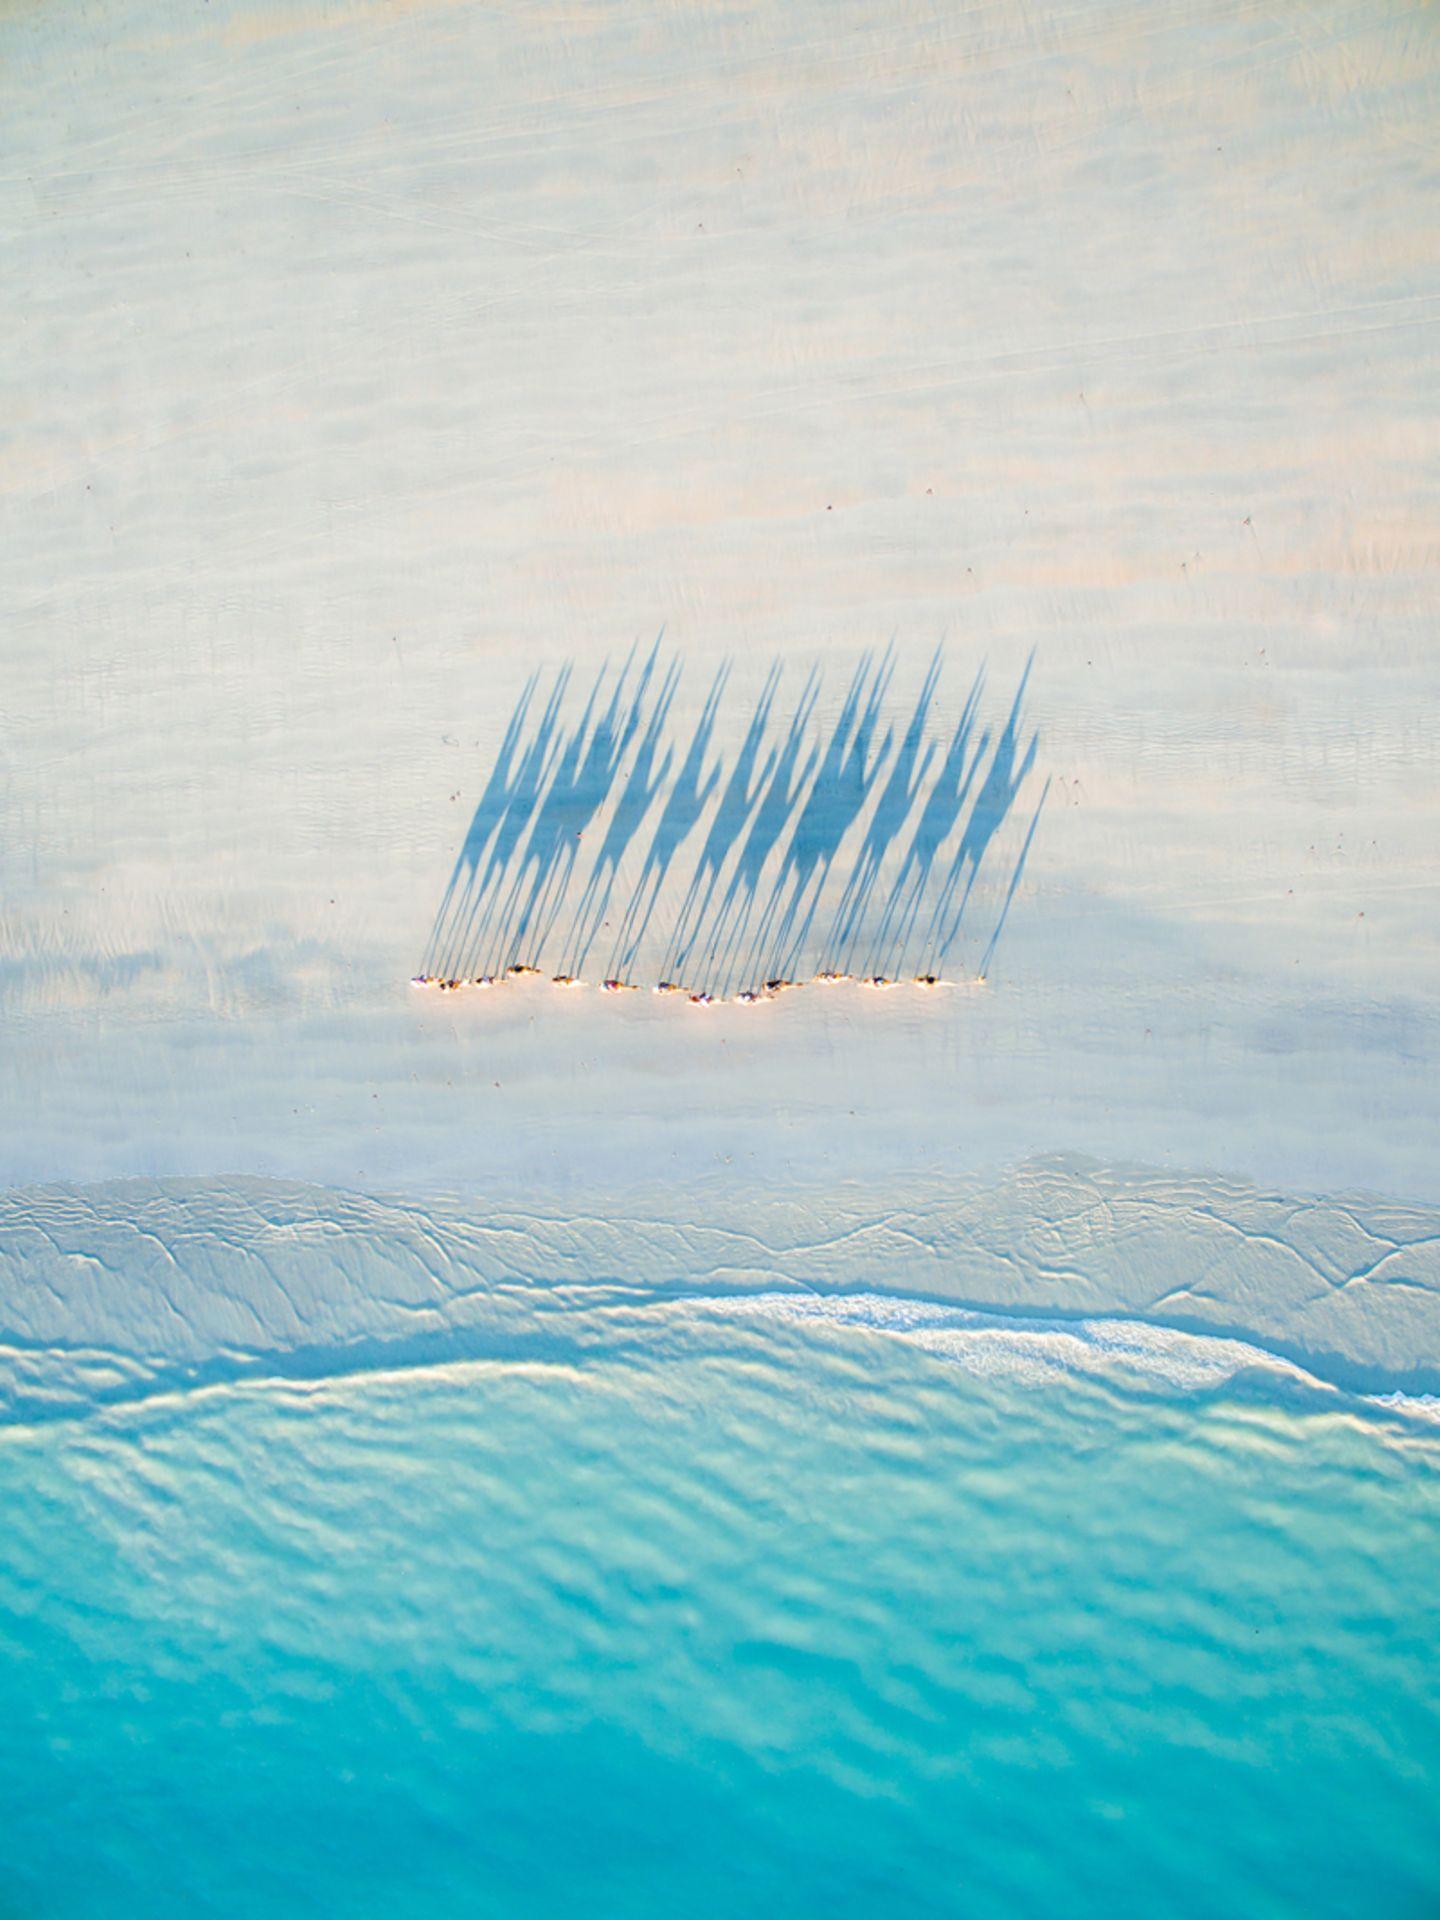 Kamele aus der Luft am Strand von Broome in Australien